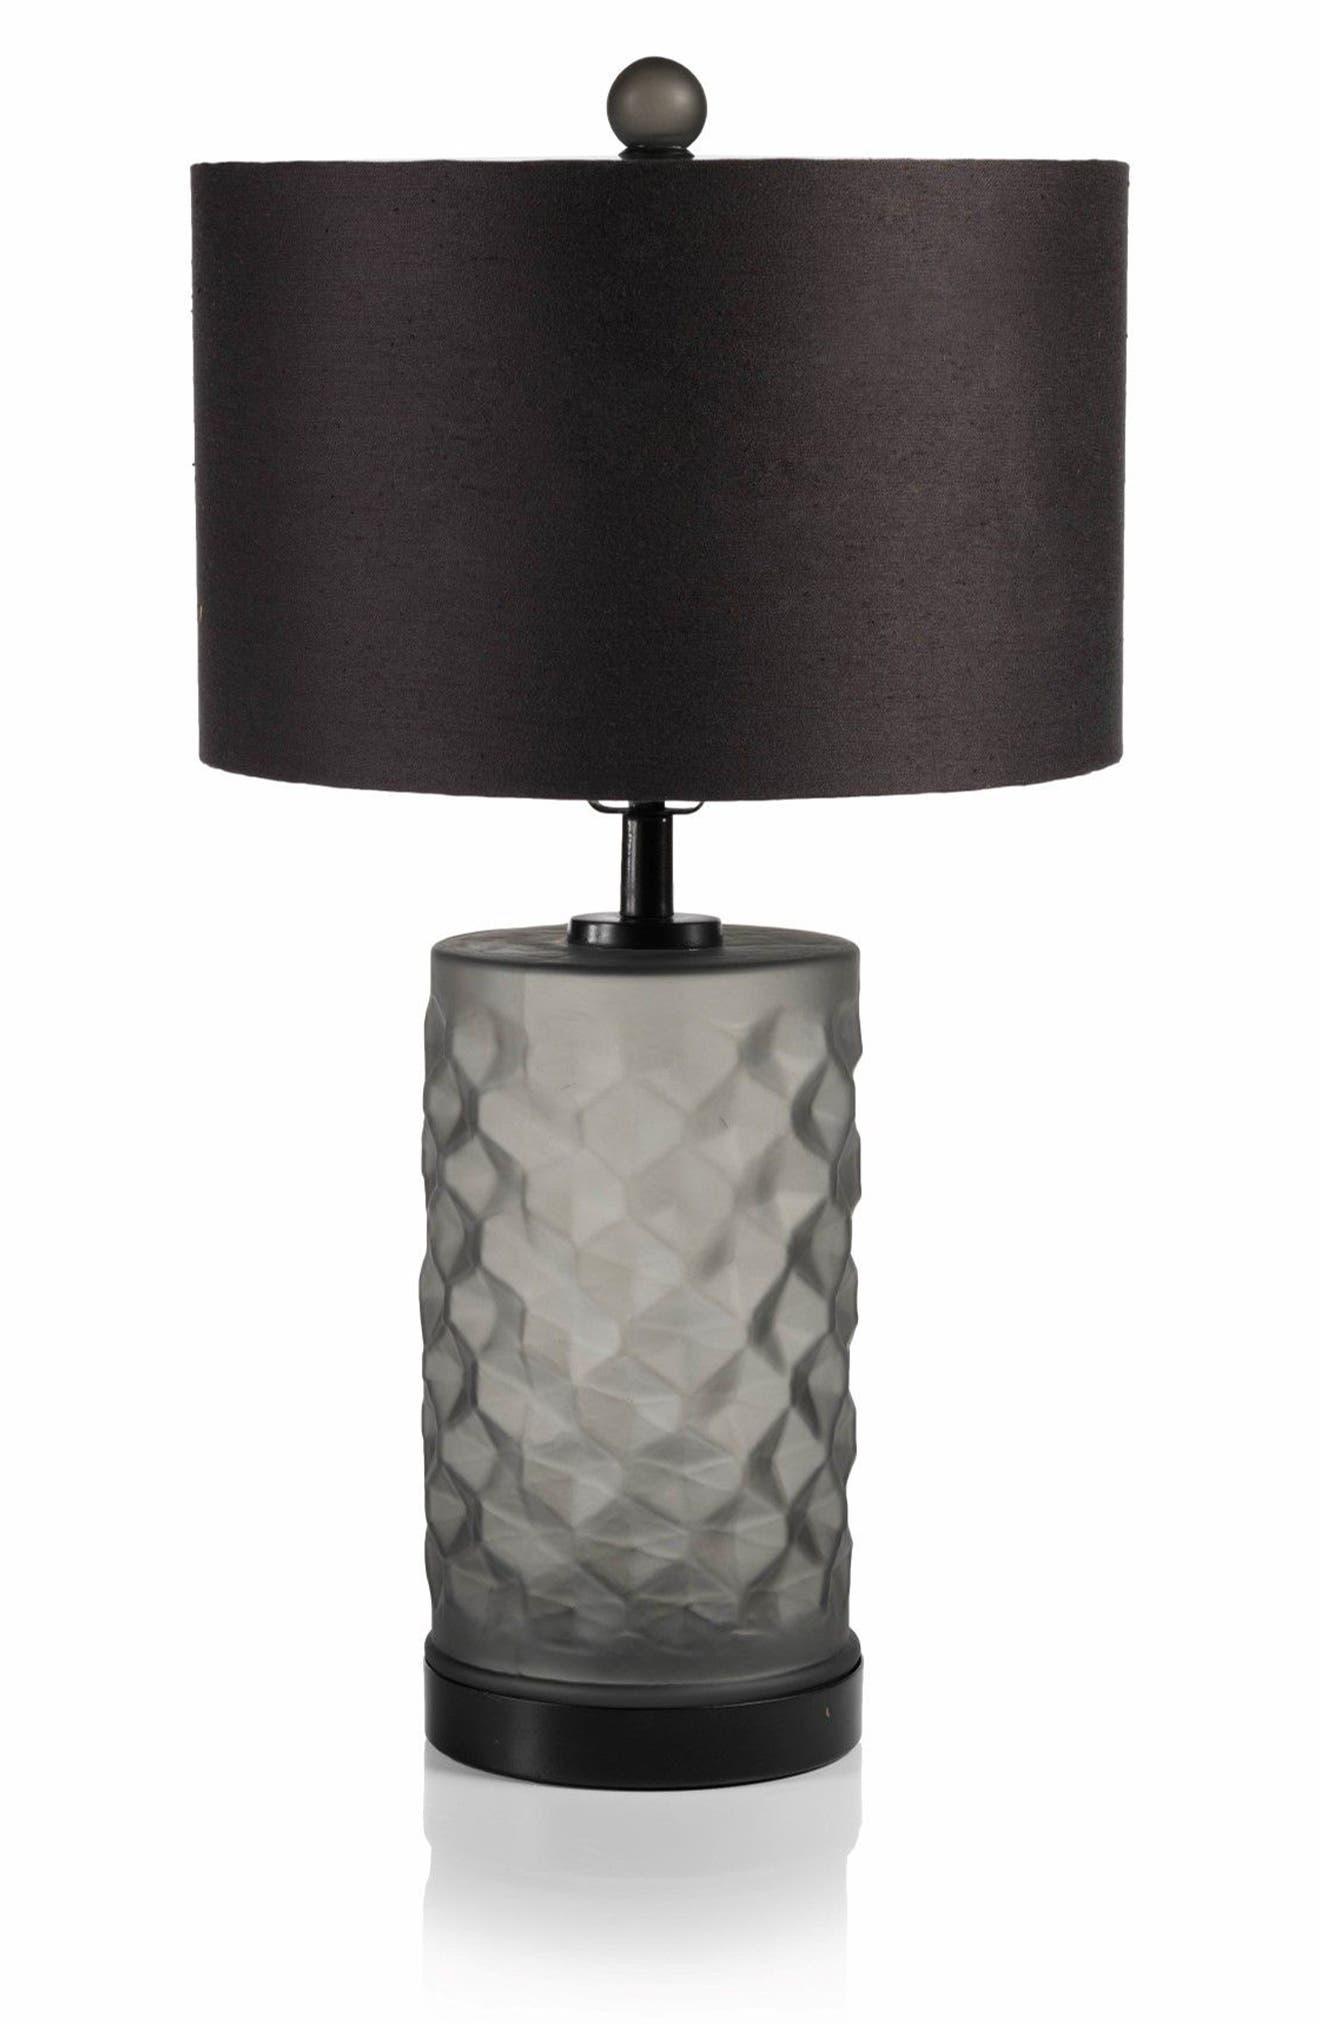 Rocco Table Lamp,                         Main,                         color, Black/ Grey